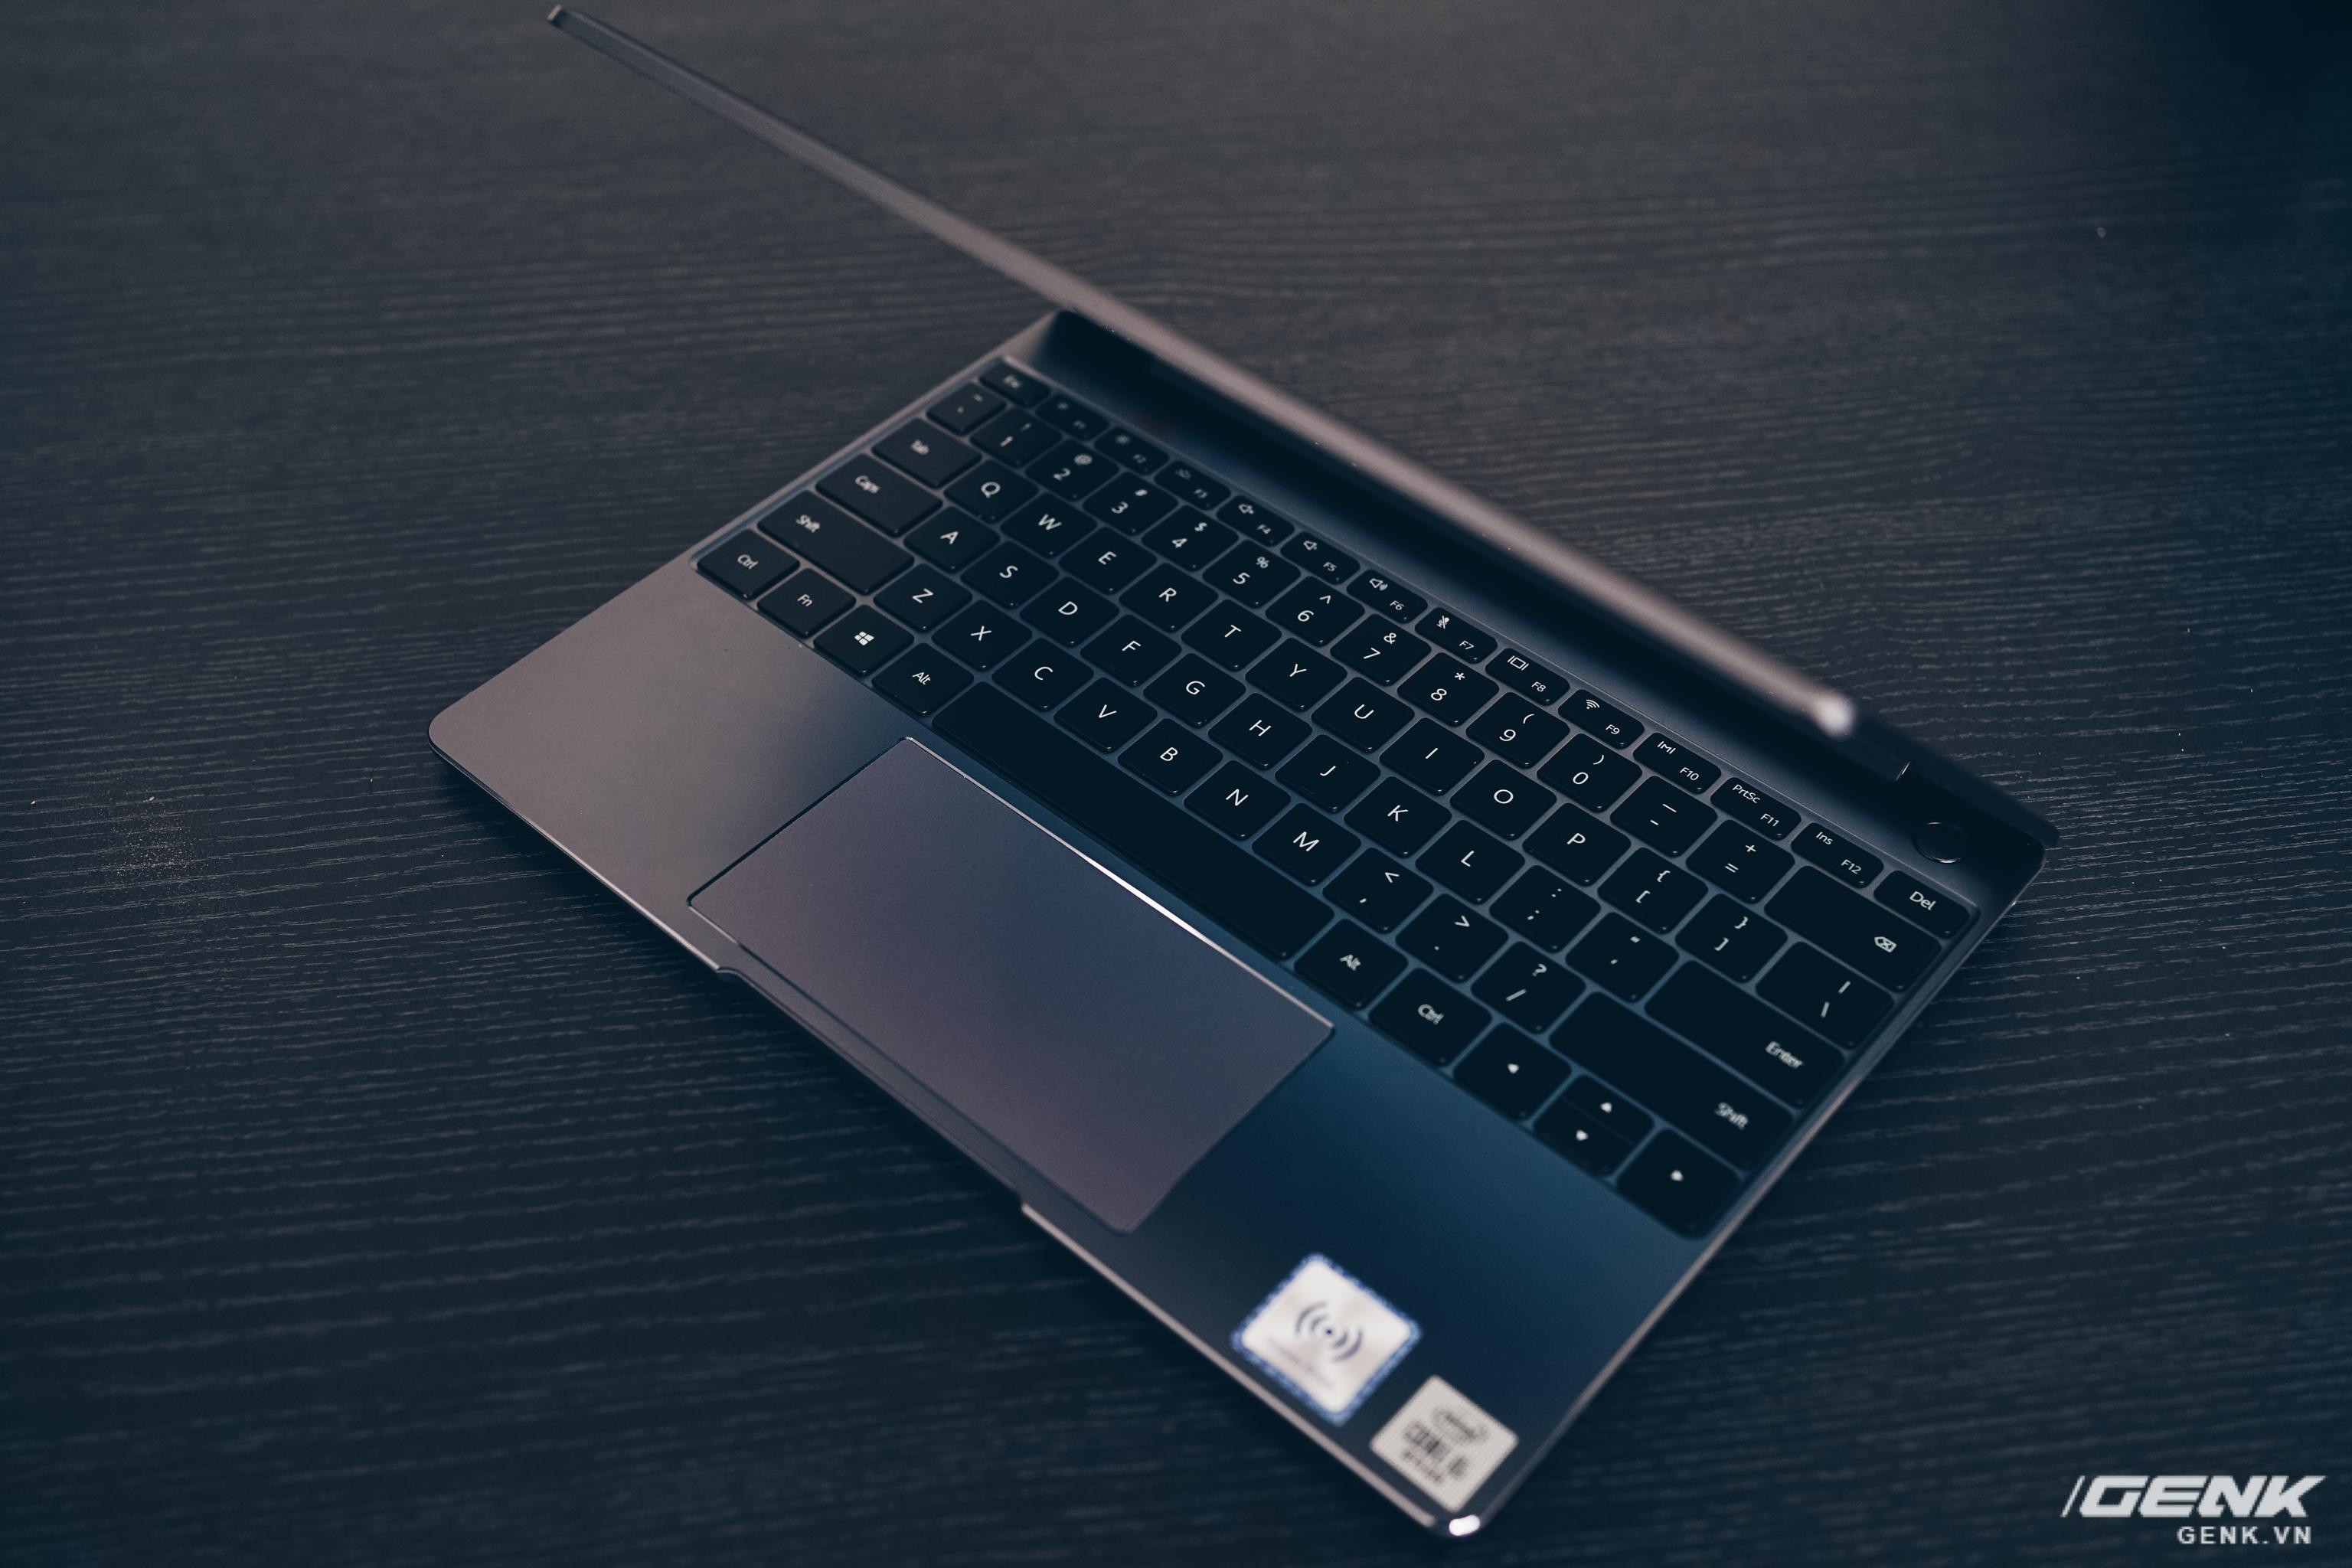 Đánh giá Huawei MateBook 13: Ultrabook tốt nếu người dùng chấp nhận vượt qua rào cản thương hiệu (và thời lượng pin tệ hại) - Ảnh 4.